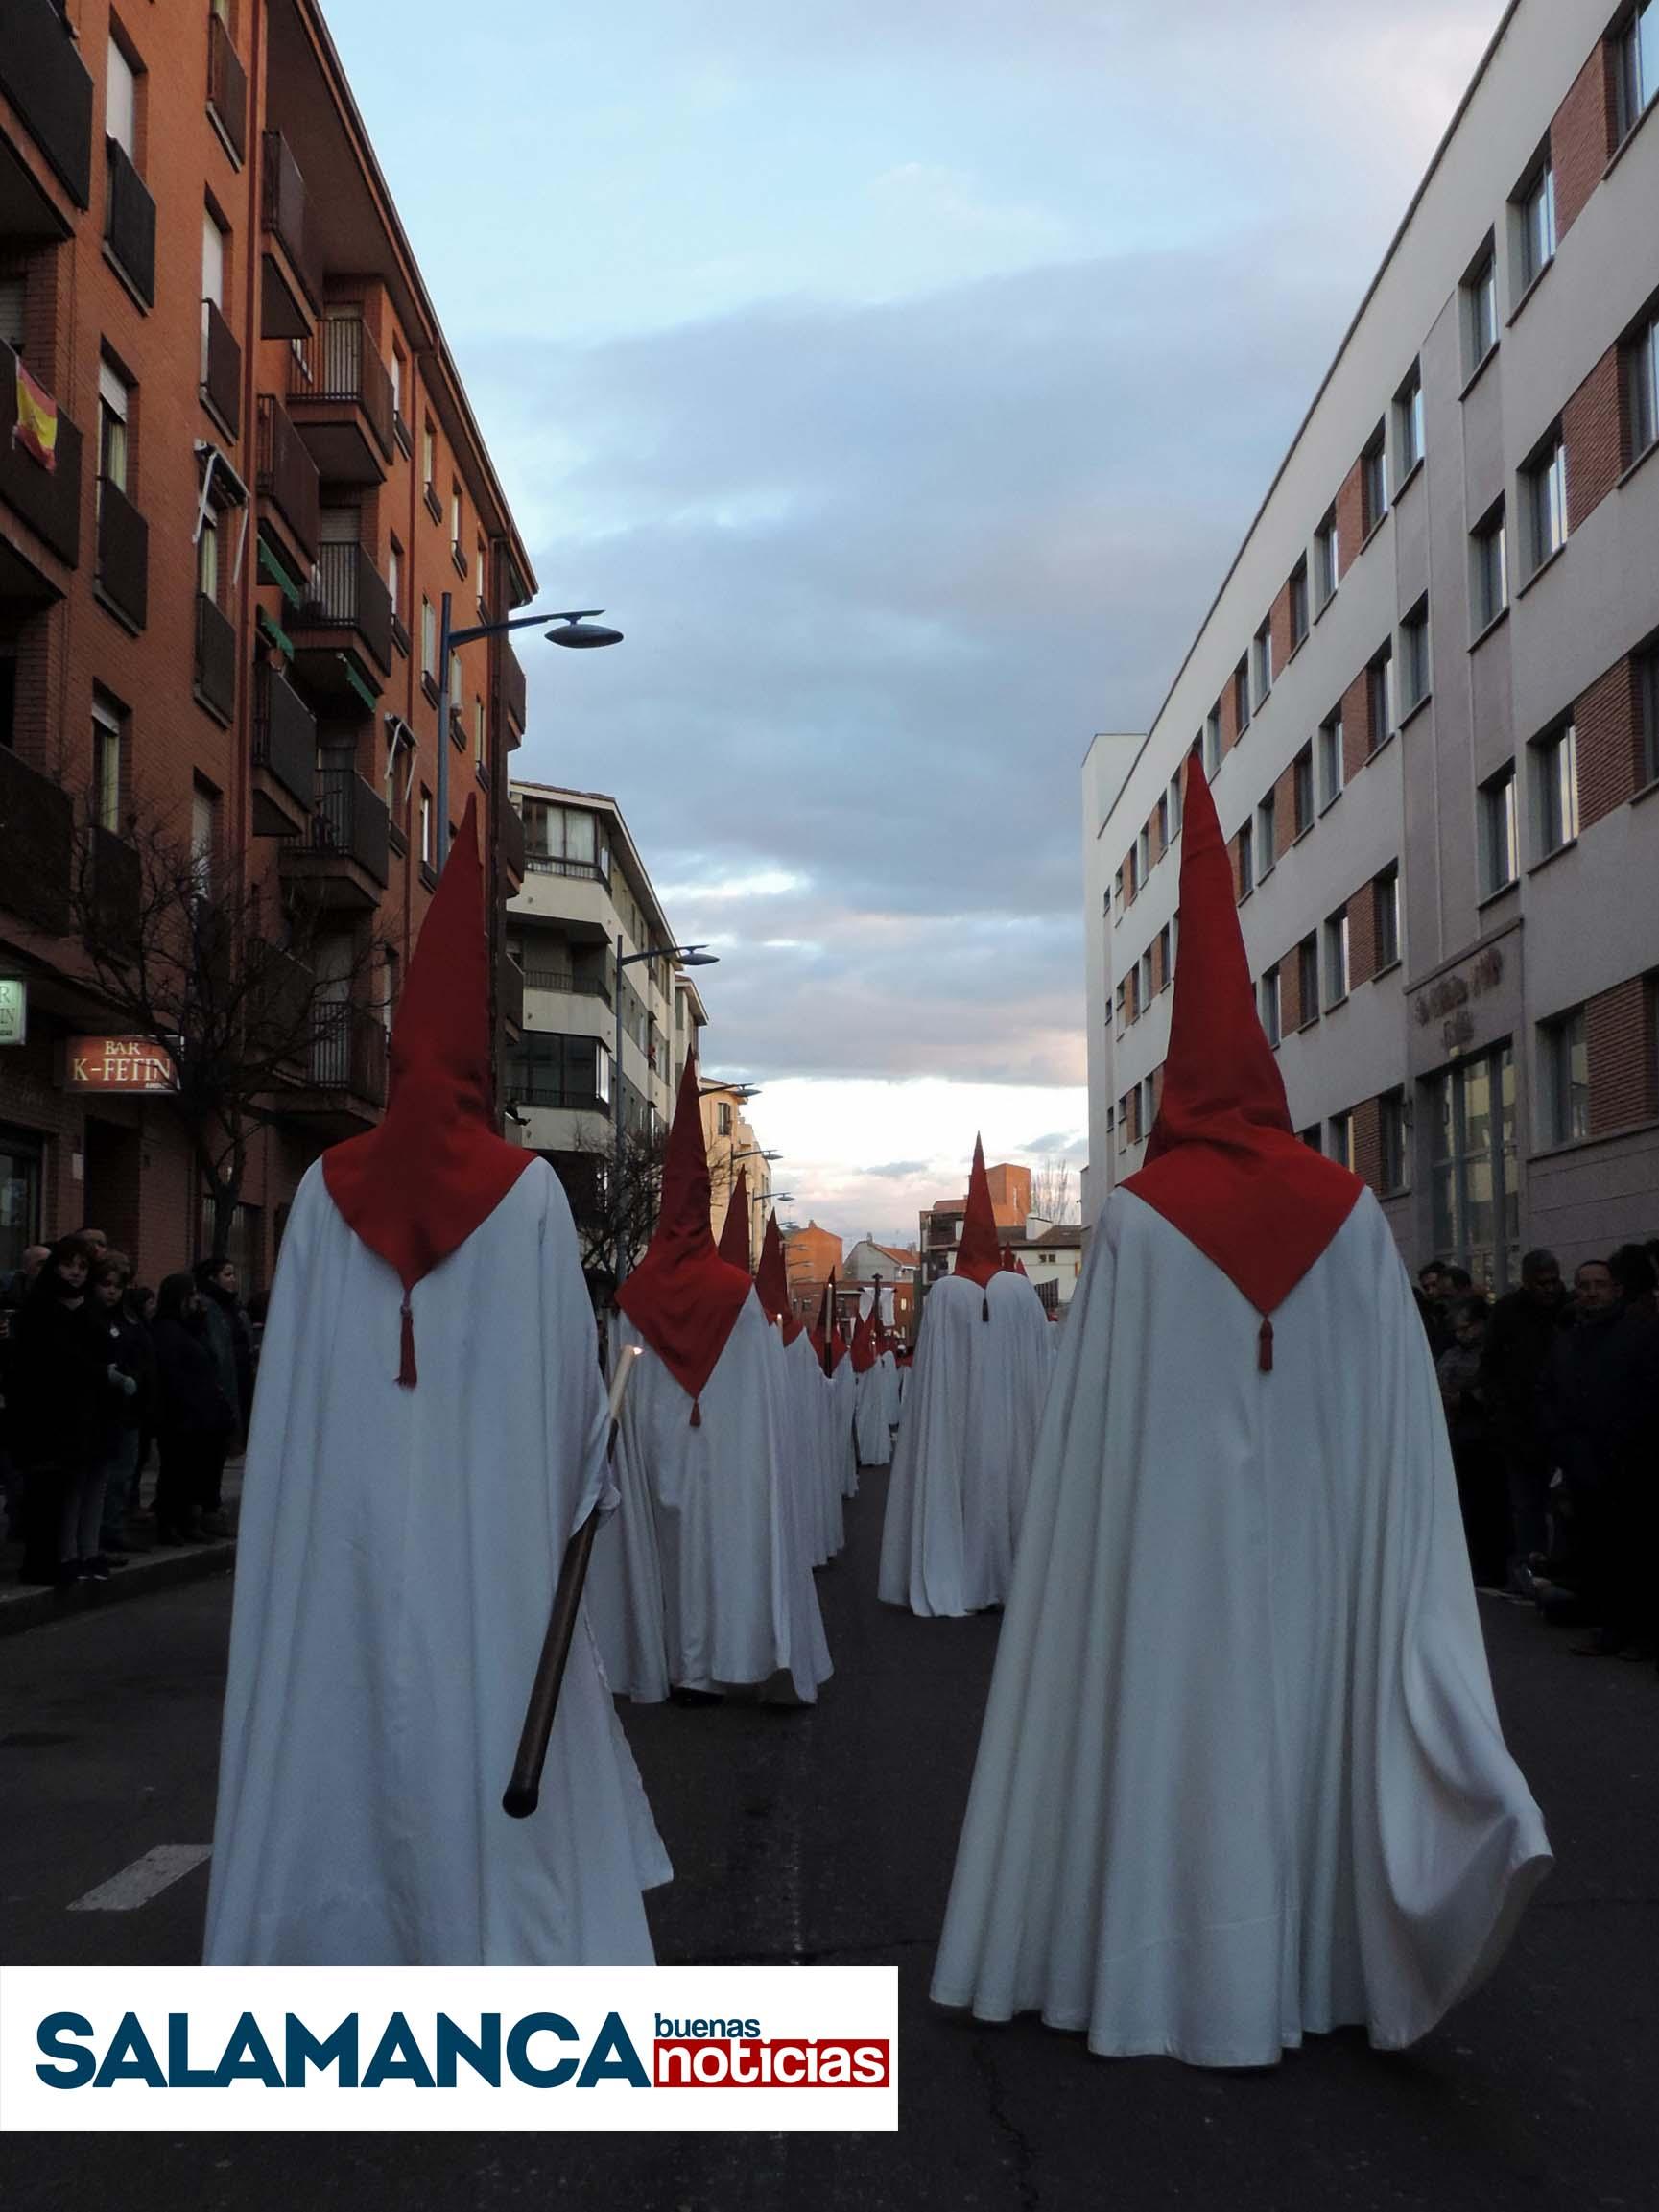 Cortes de tráfico y restricciones para los próximos días en Salamanca